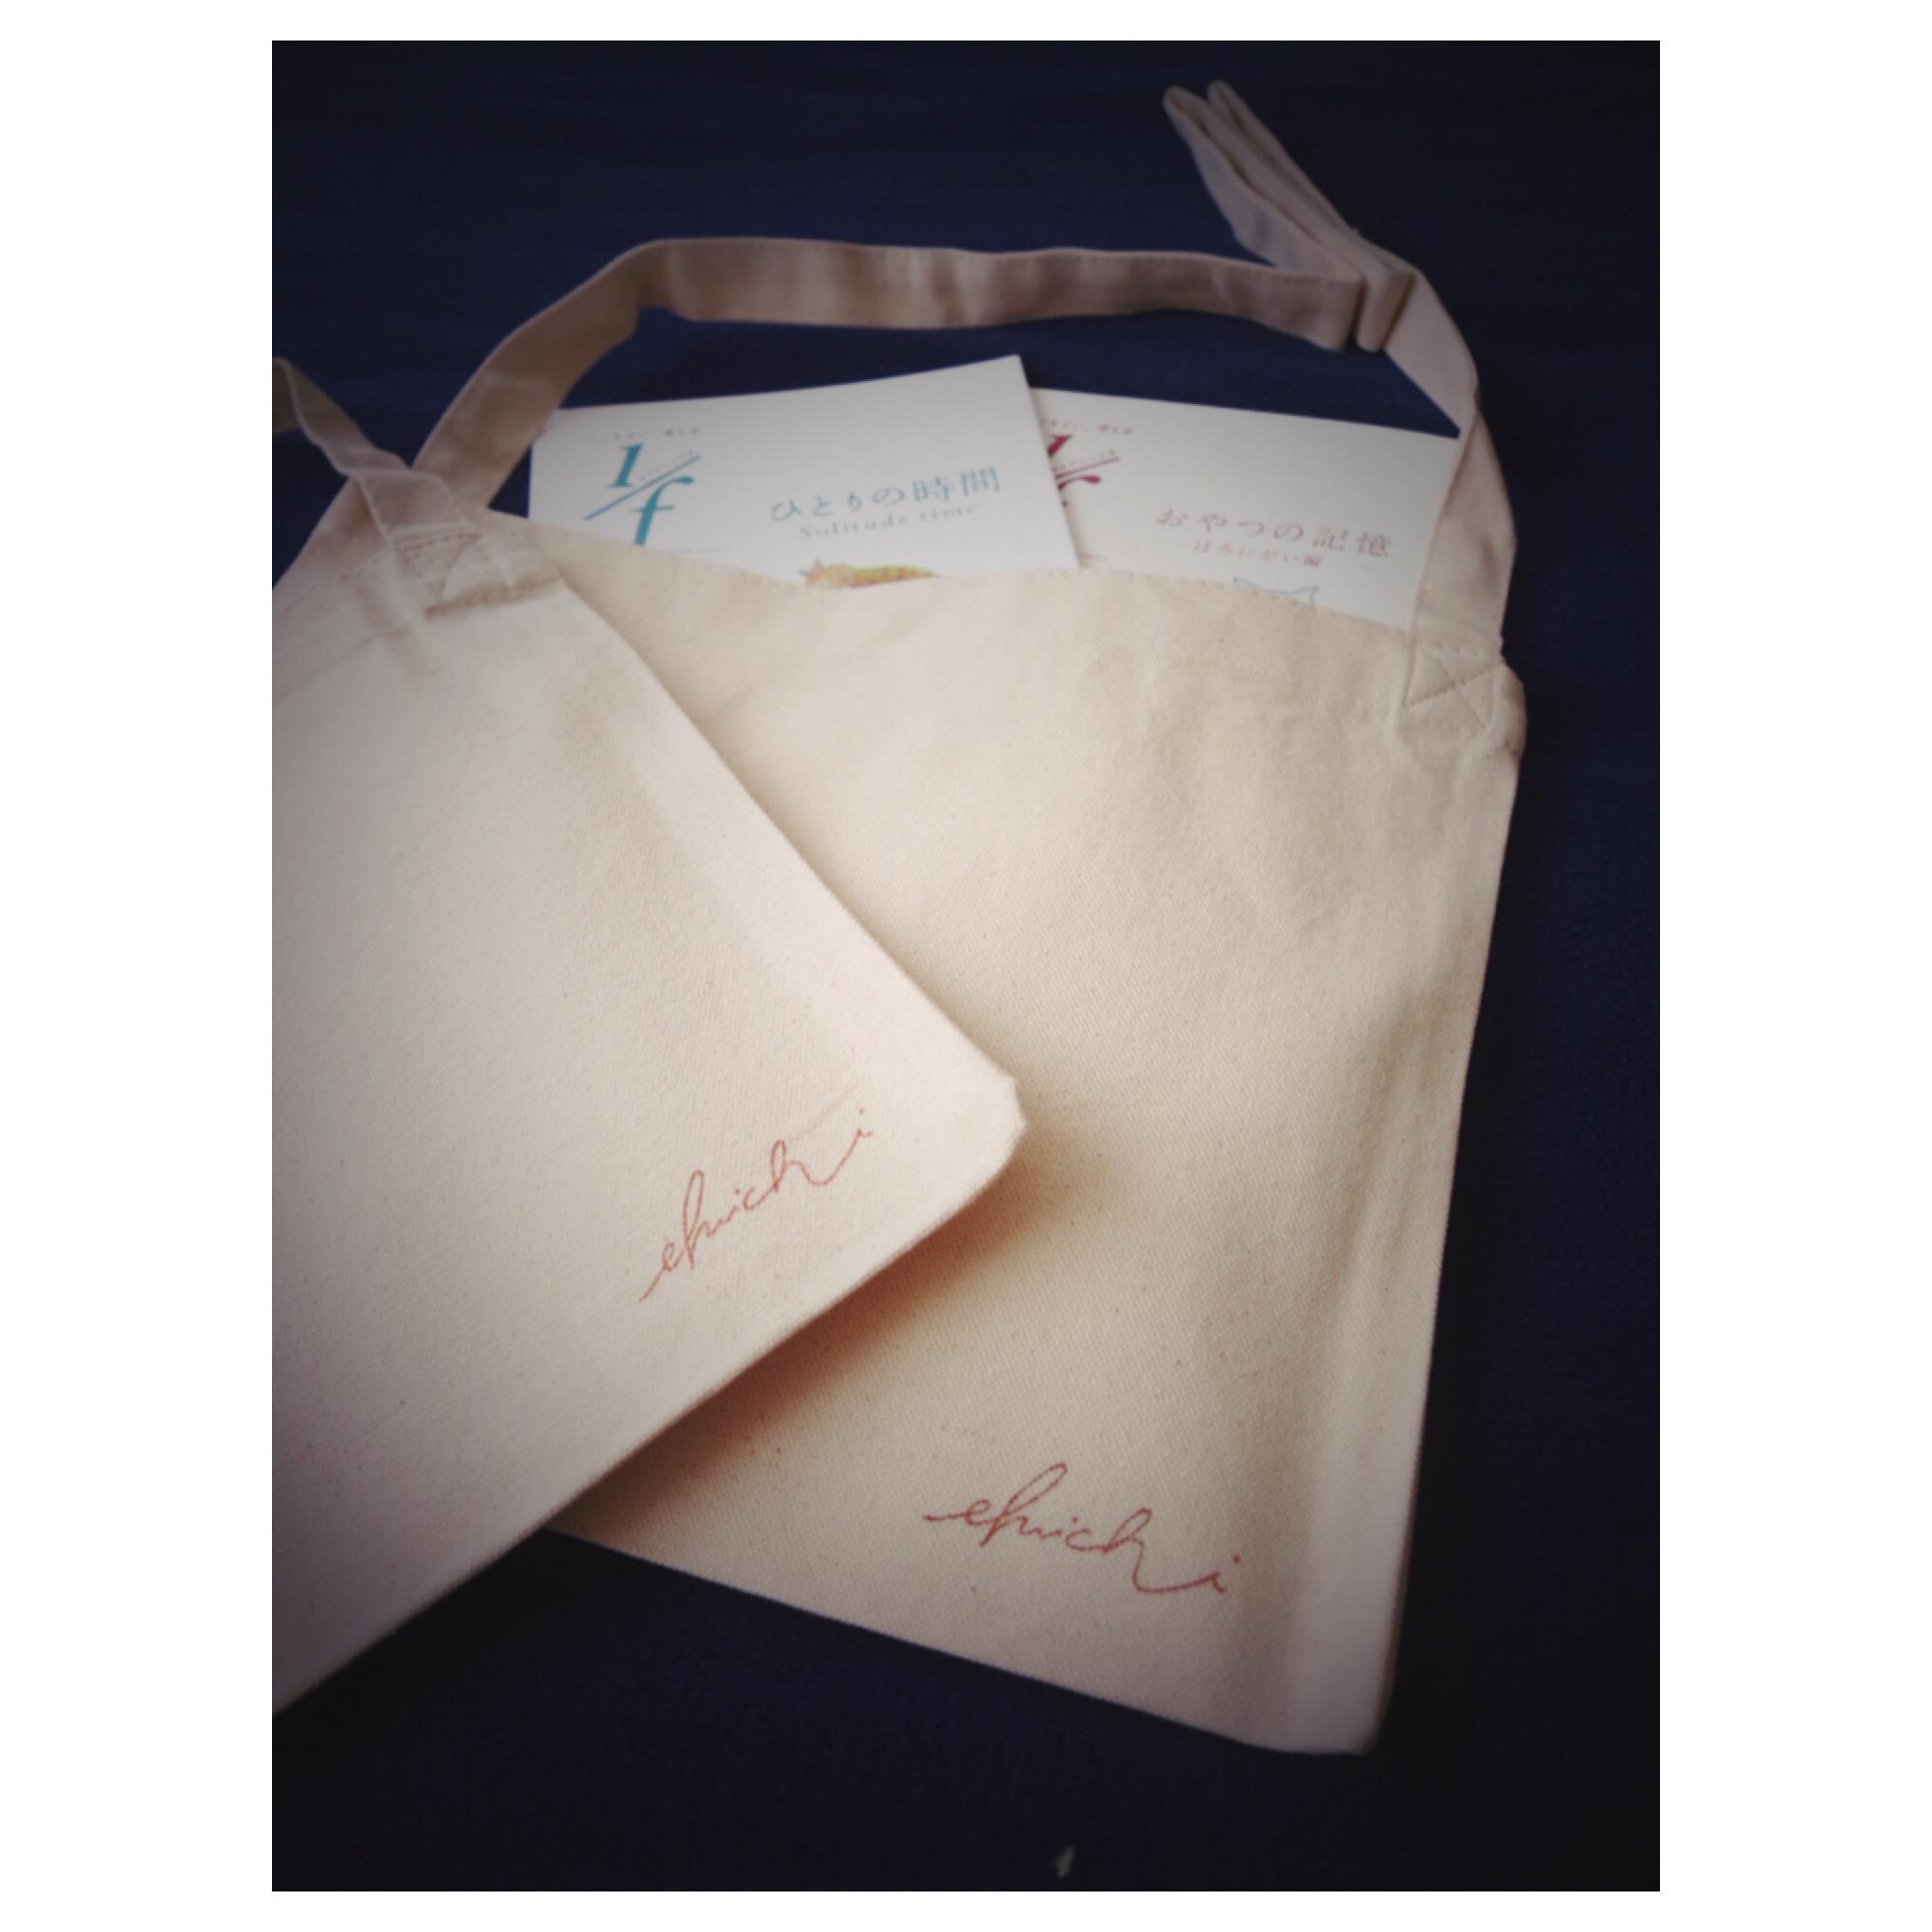 [ 5/16〜18まで ]エフイチサコッシュ先着プレゼントします。お手紙同封も再開。